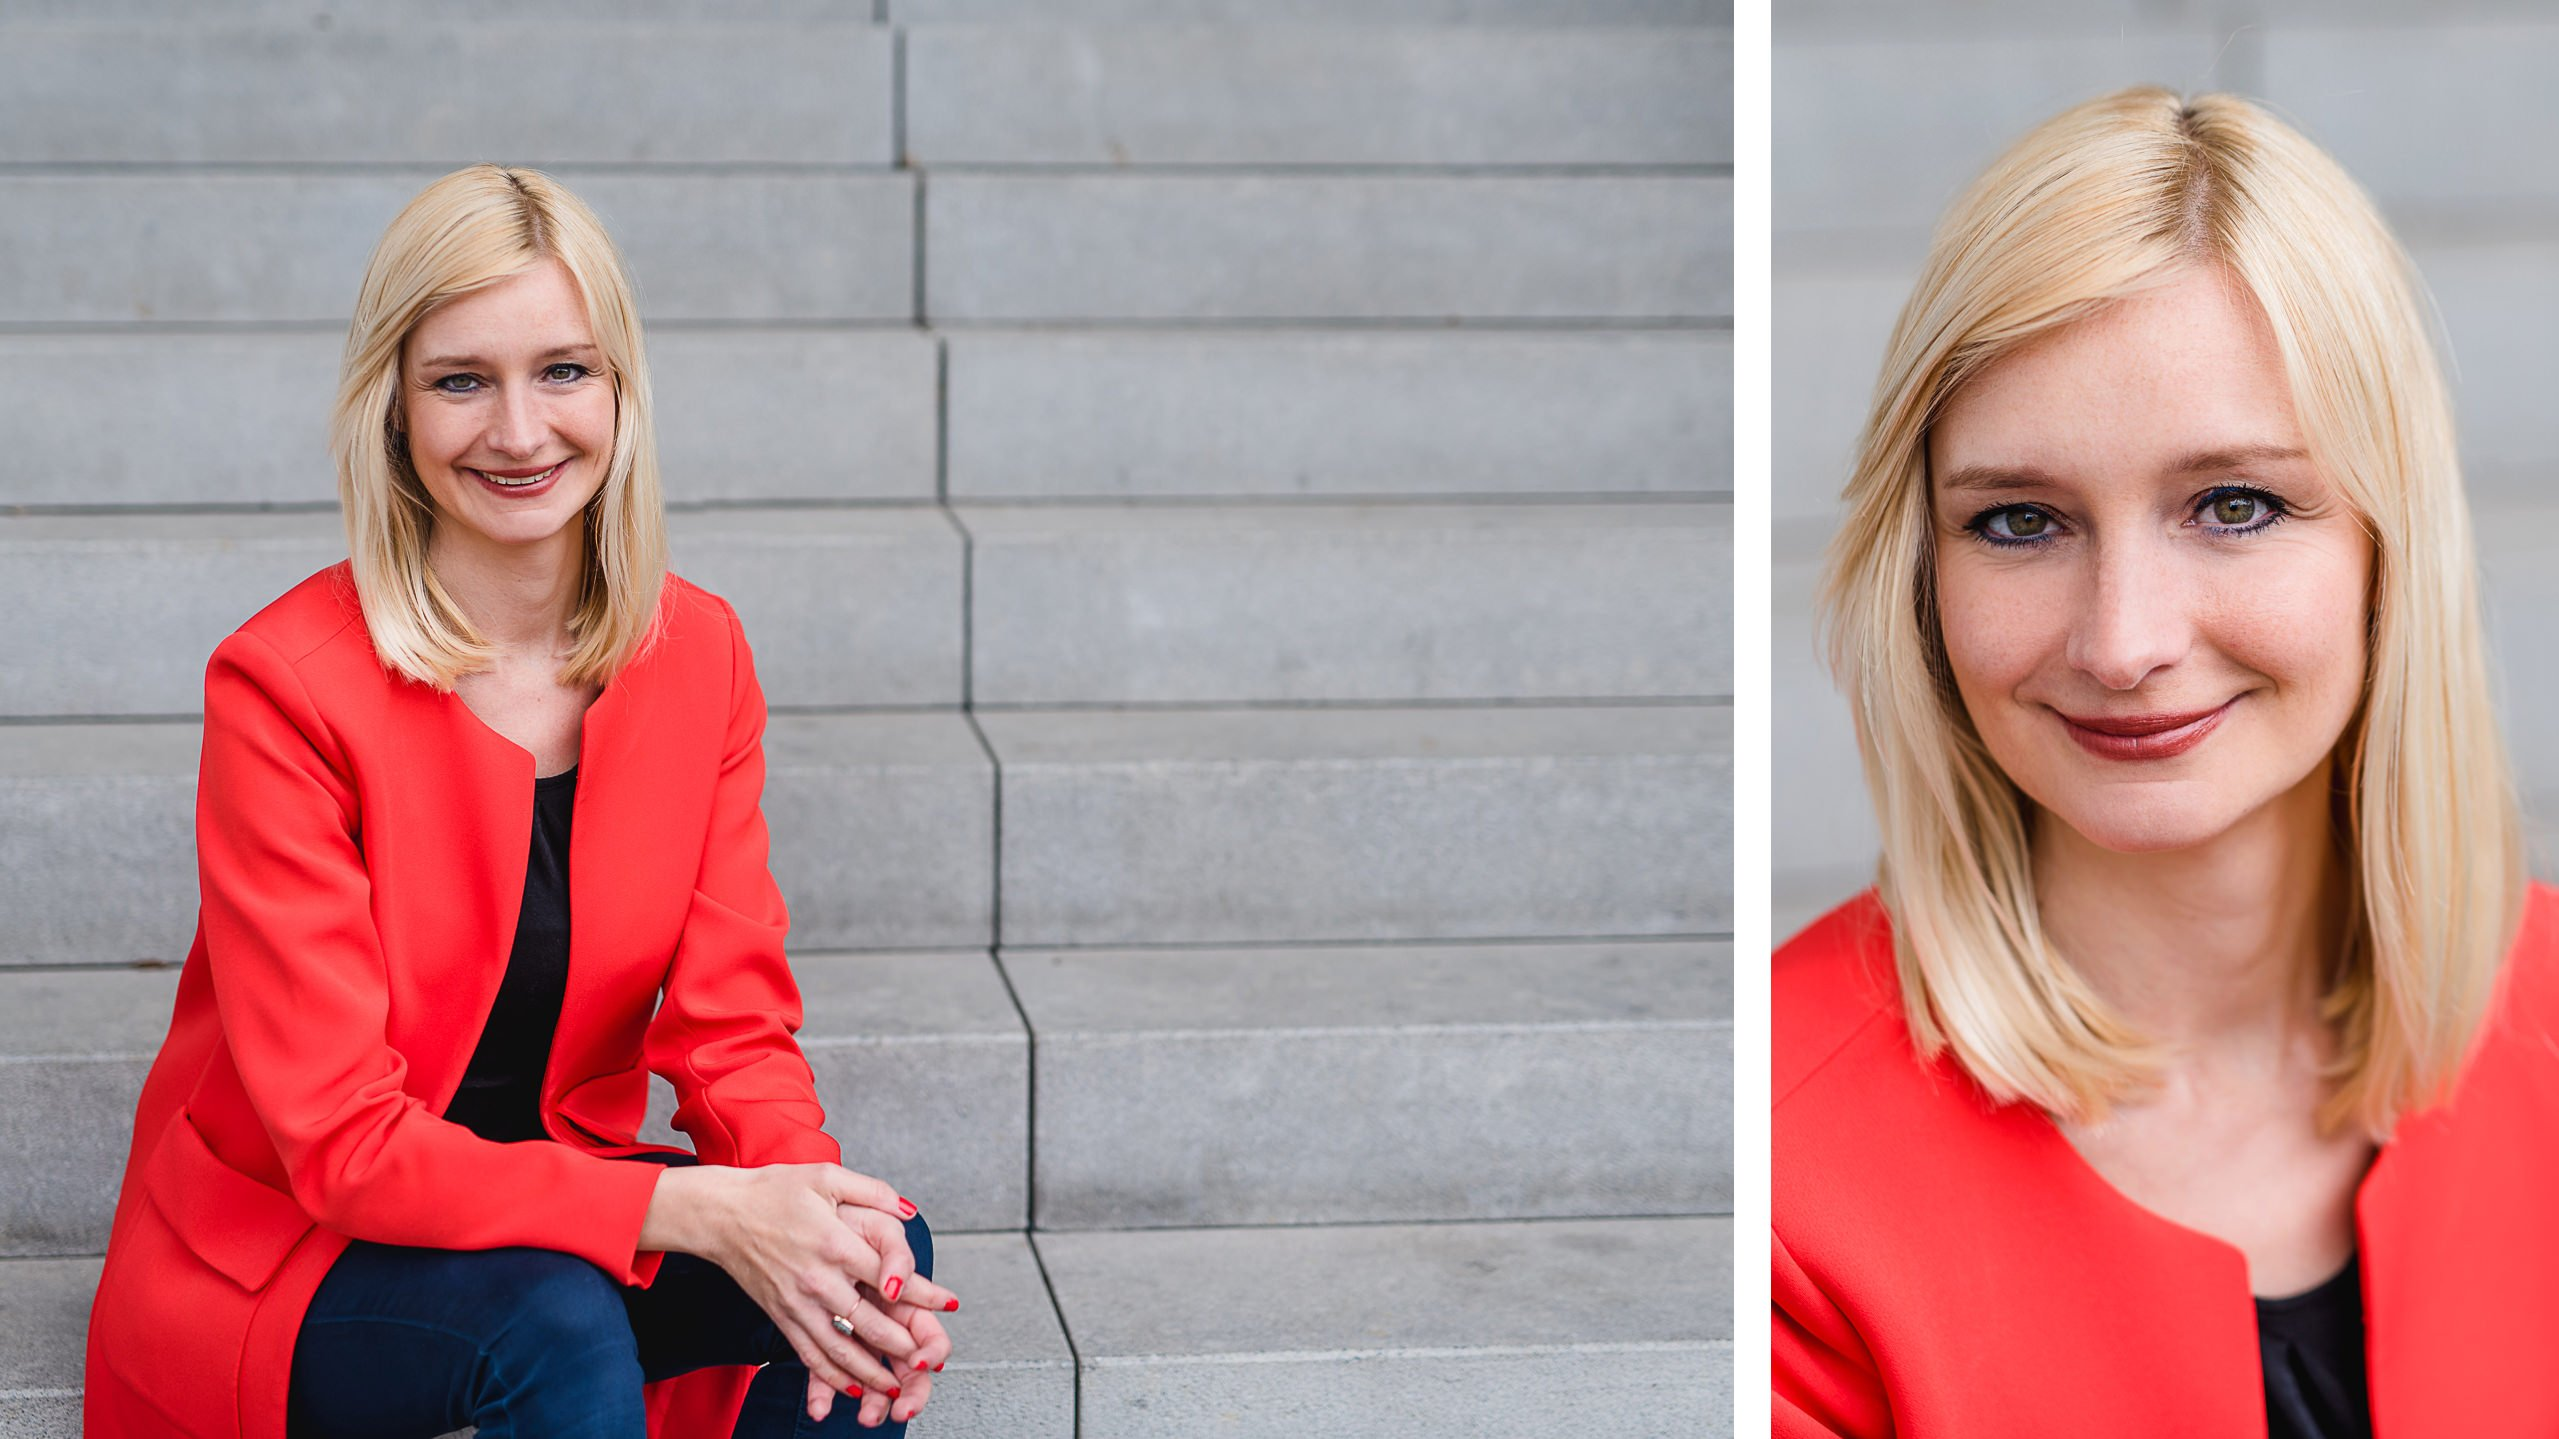 Moderne Bewerbungsphotos in rotem Blazer in München, Blonde Frau vor grauem Hintergrund, sitzend